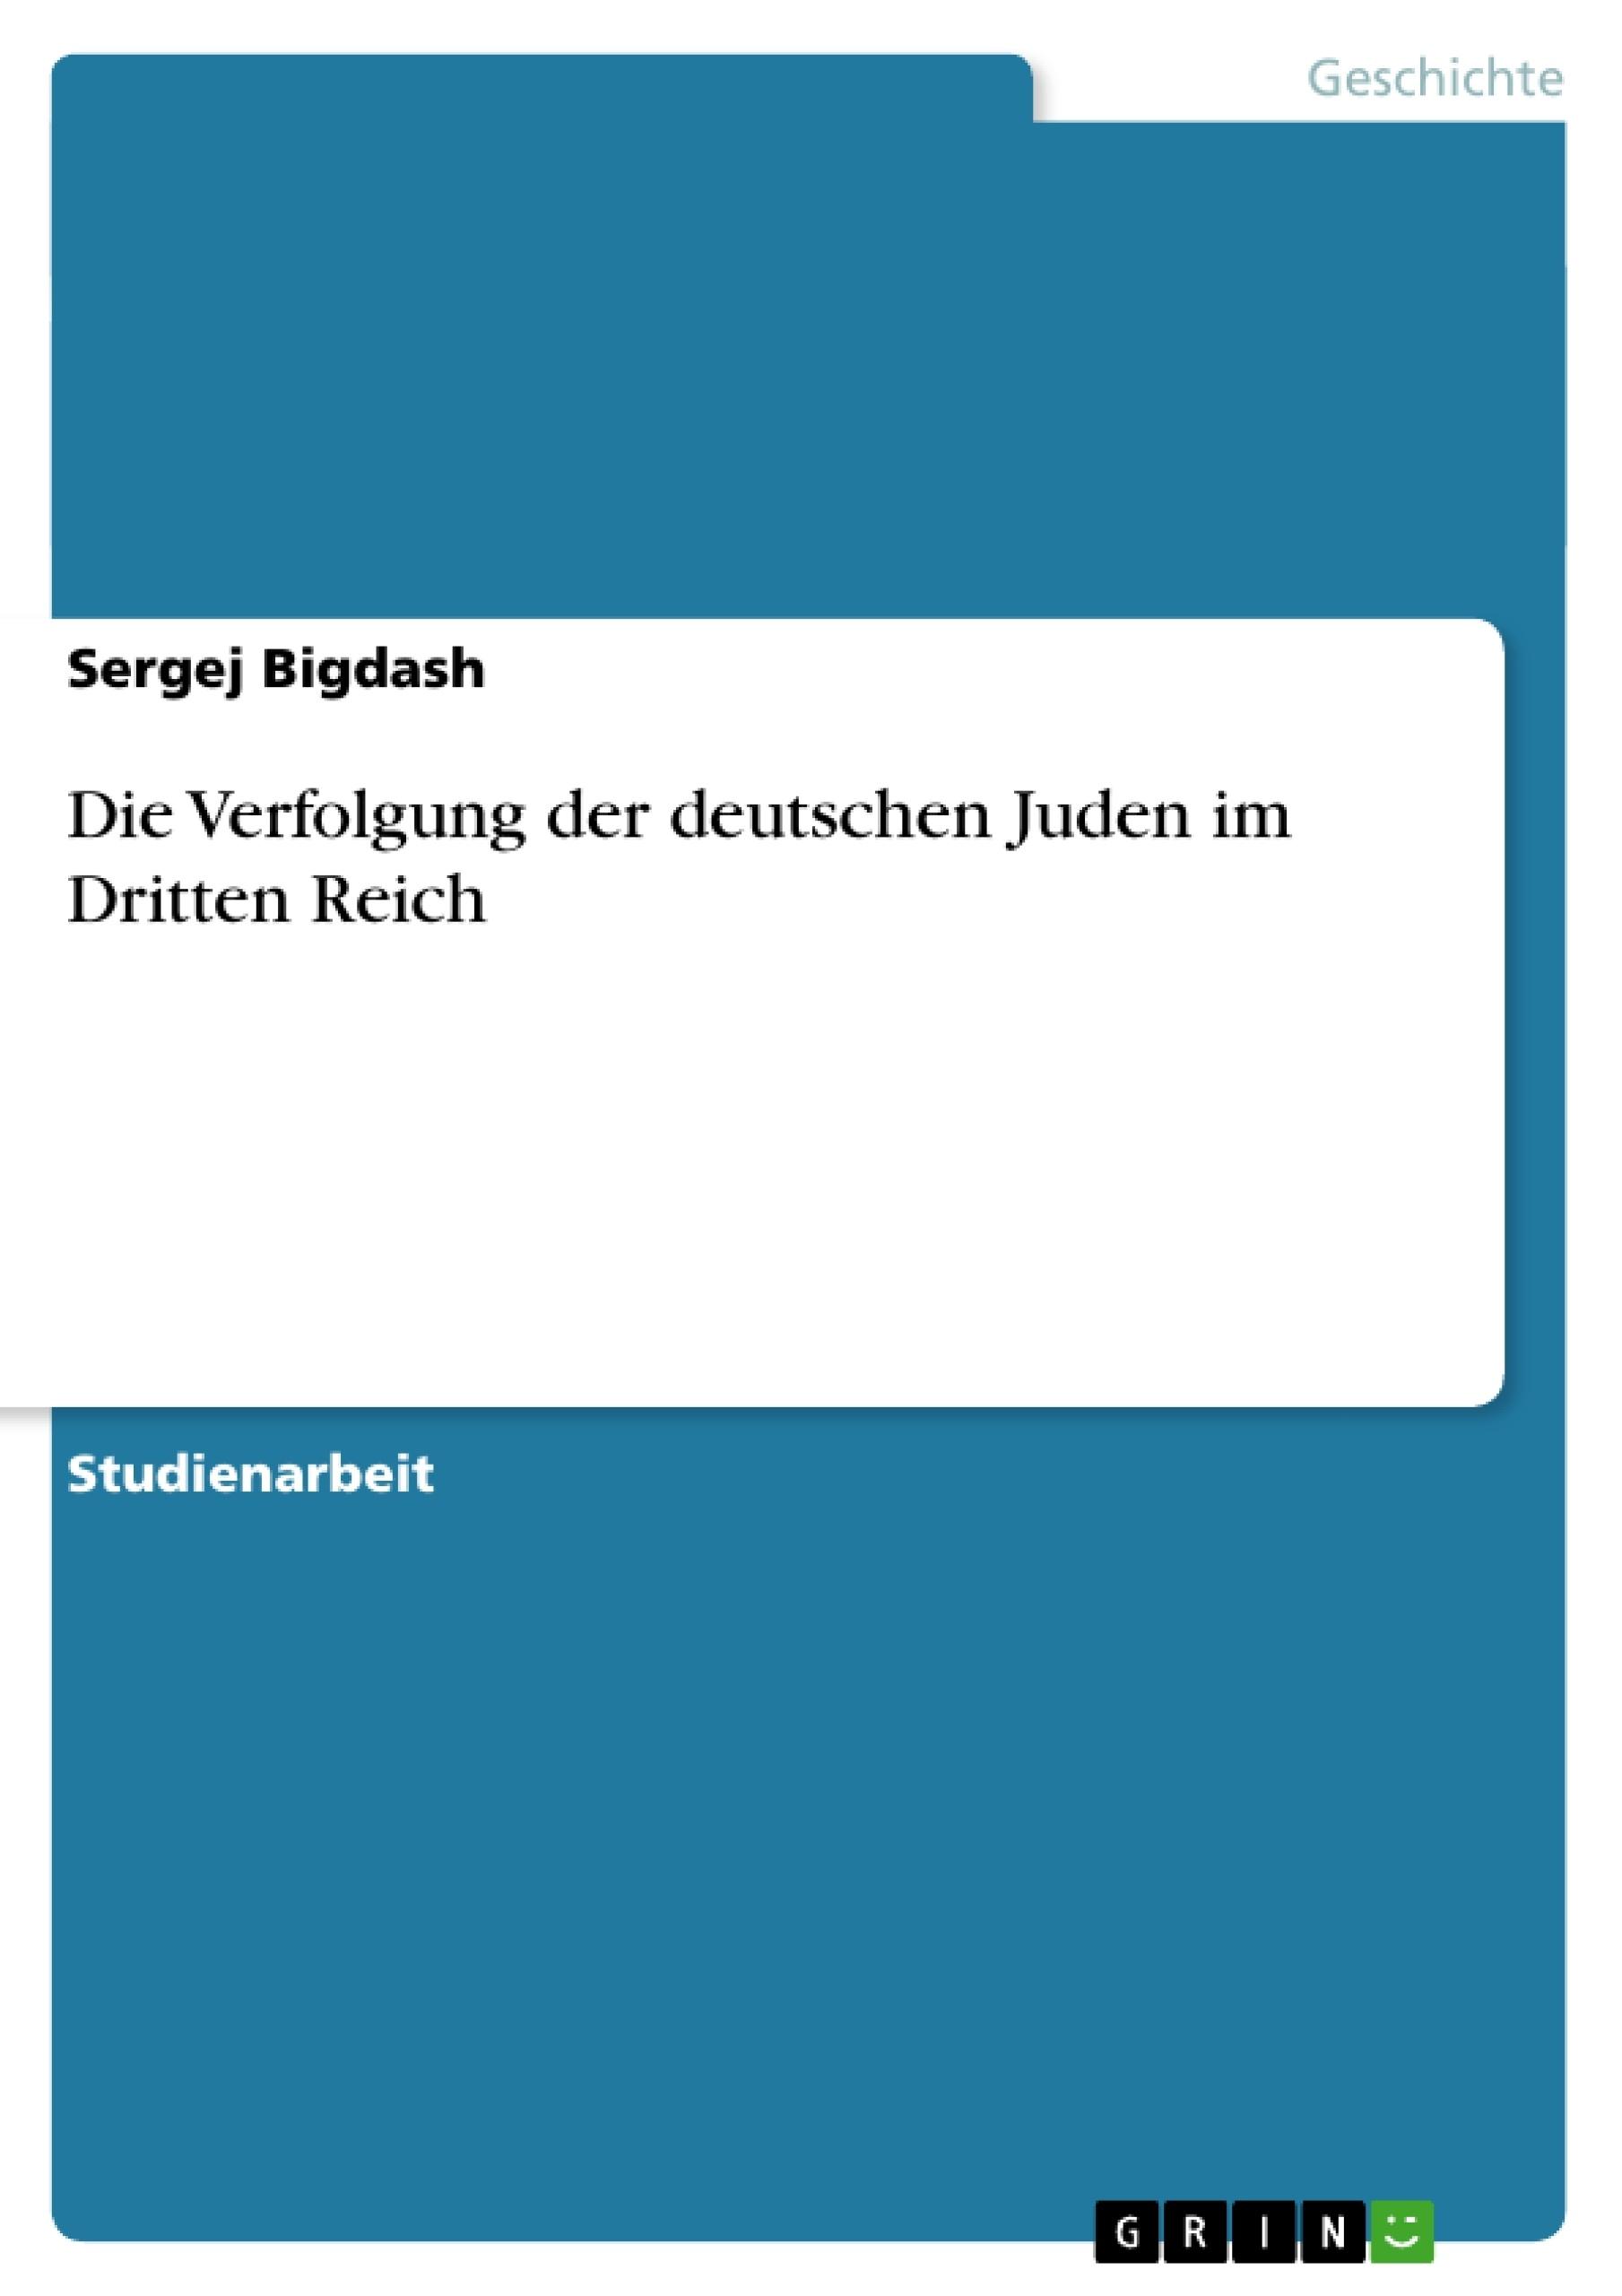 Titel: Die Verfolgung der deutschen Juden im Dritten Reich